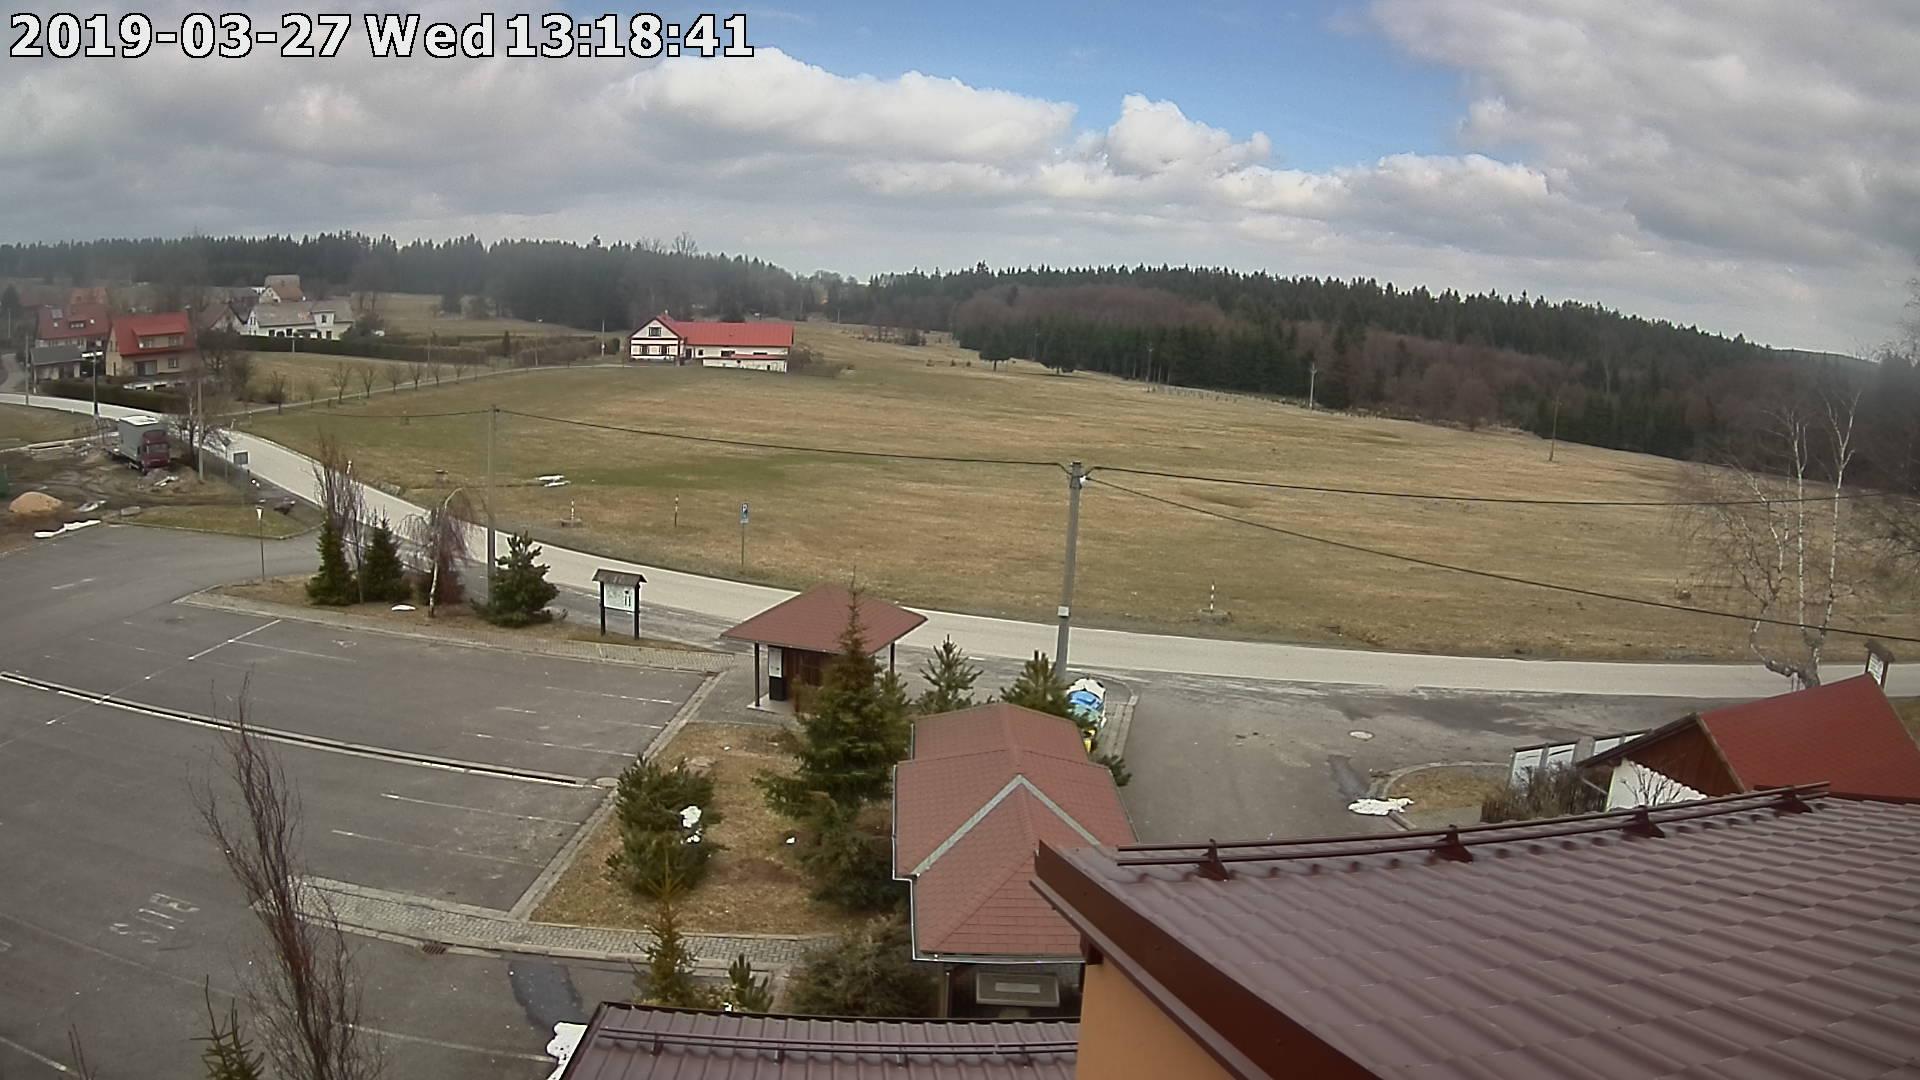 Webkamera ze dne 2019-03-27